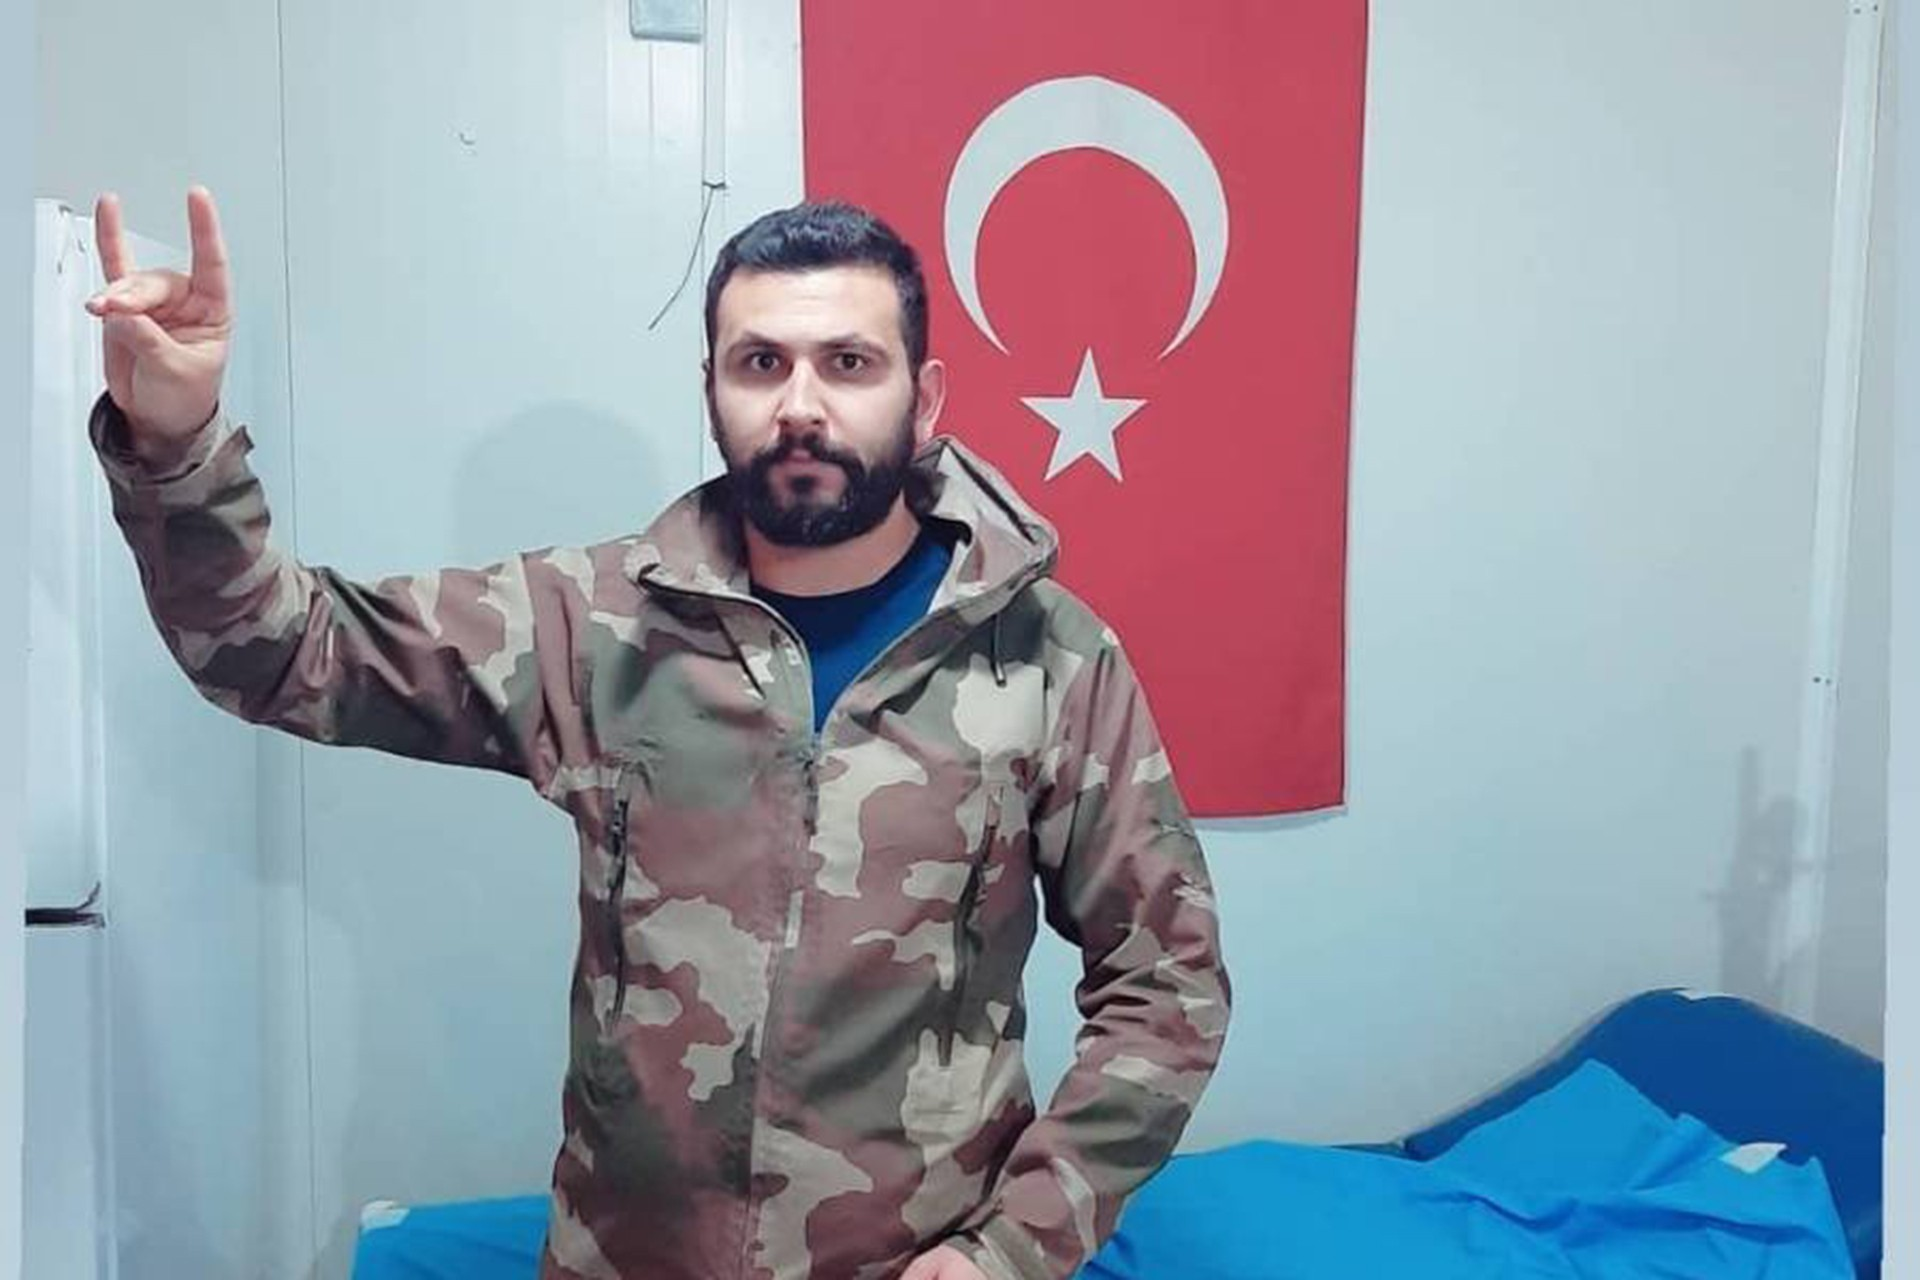 HDP'ye saldıran Onur Gencer: 'Başka kişiler olsaydı onlara da ateş açacaktım' - Evrensel